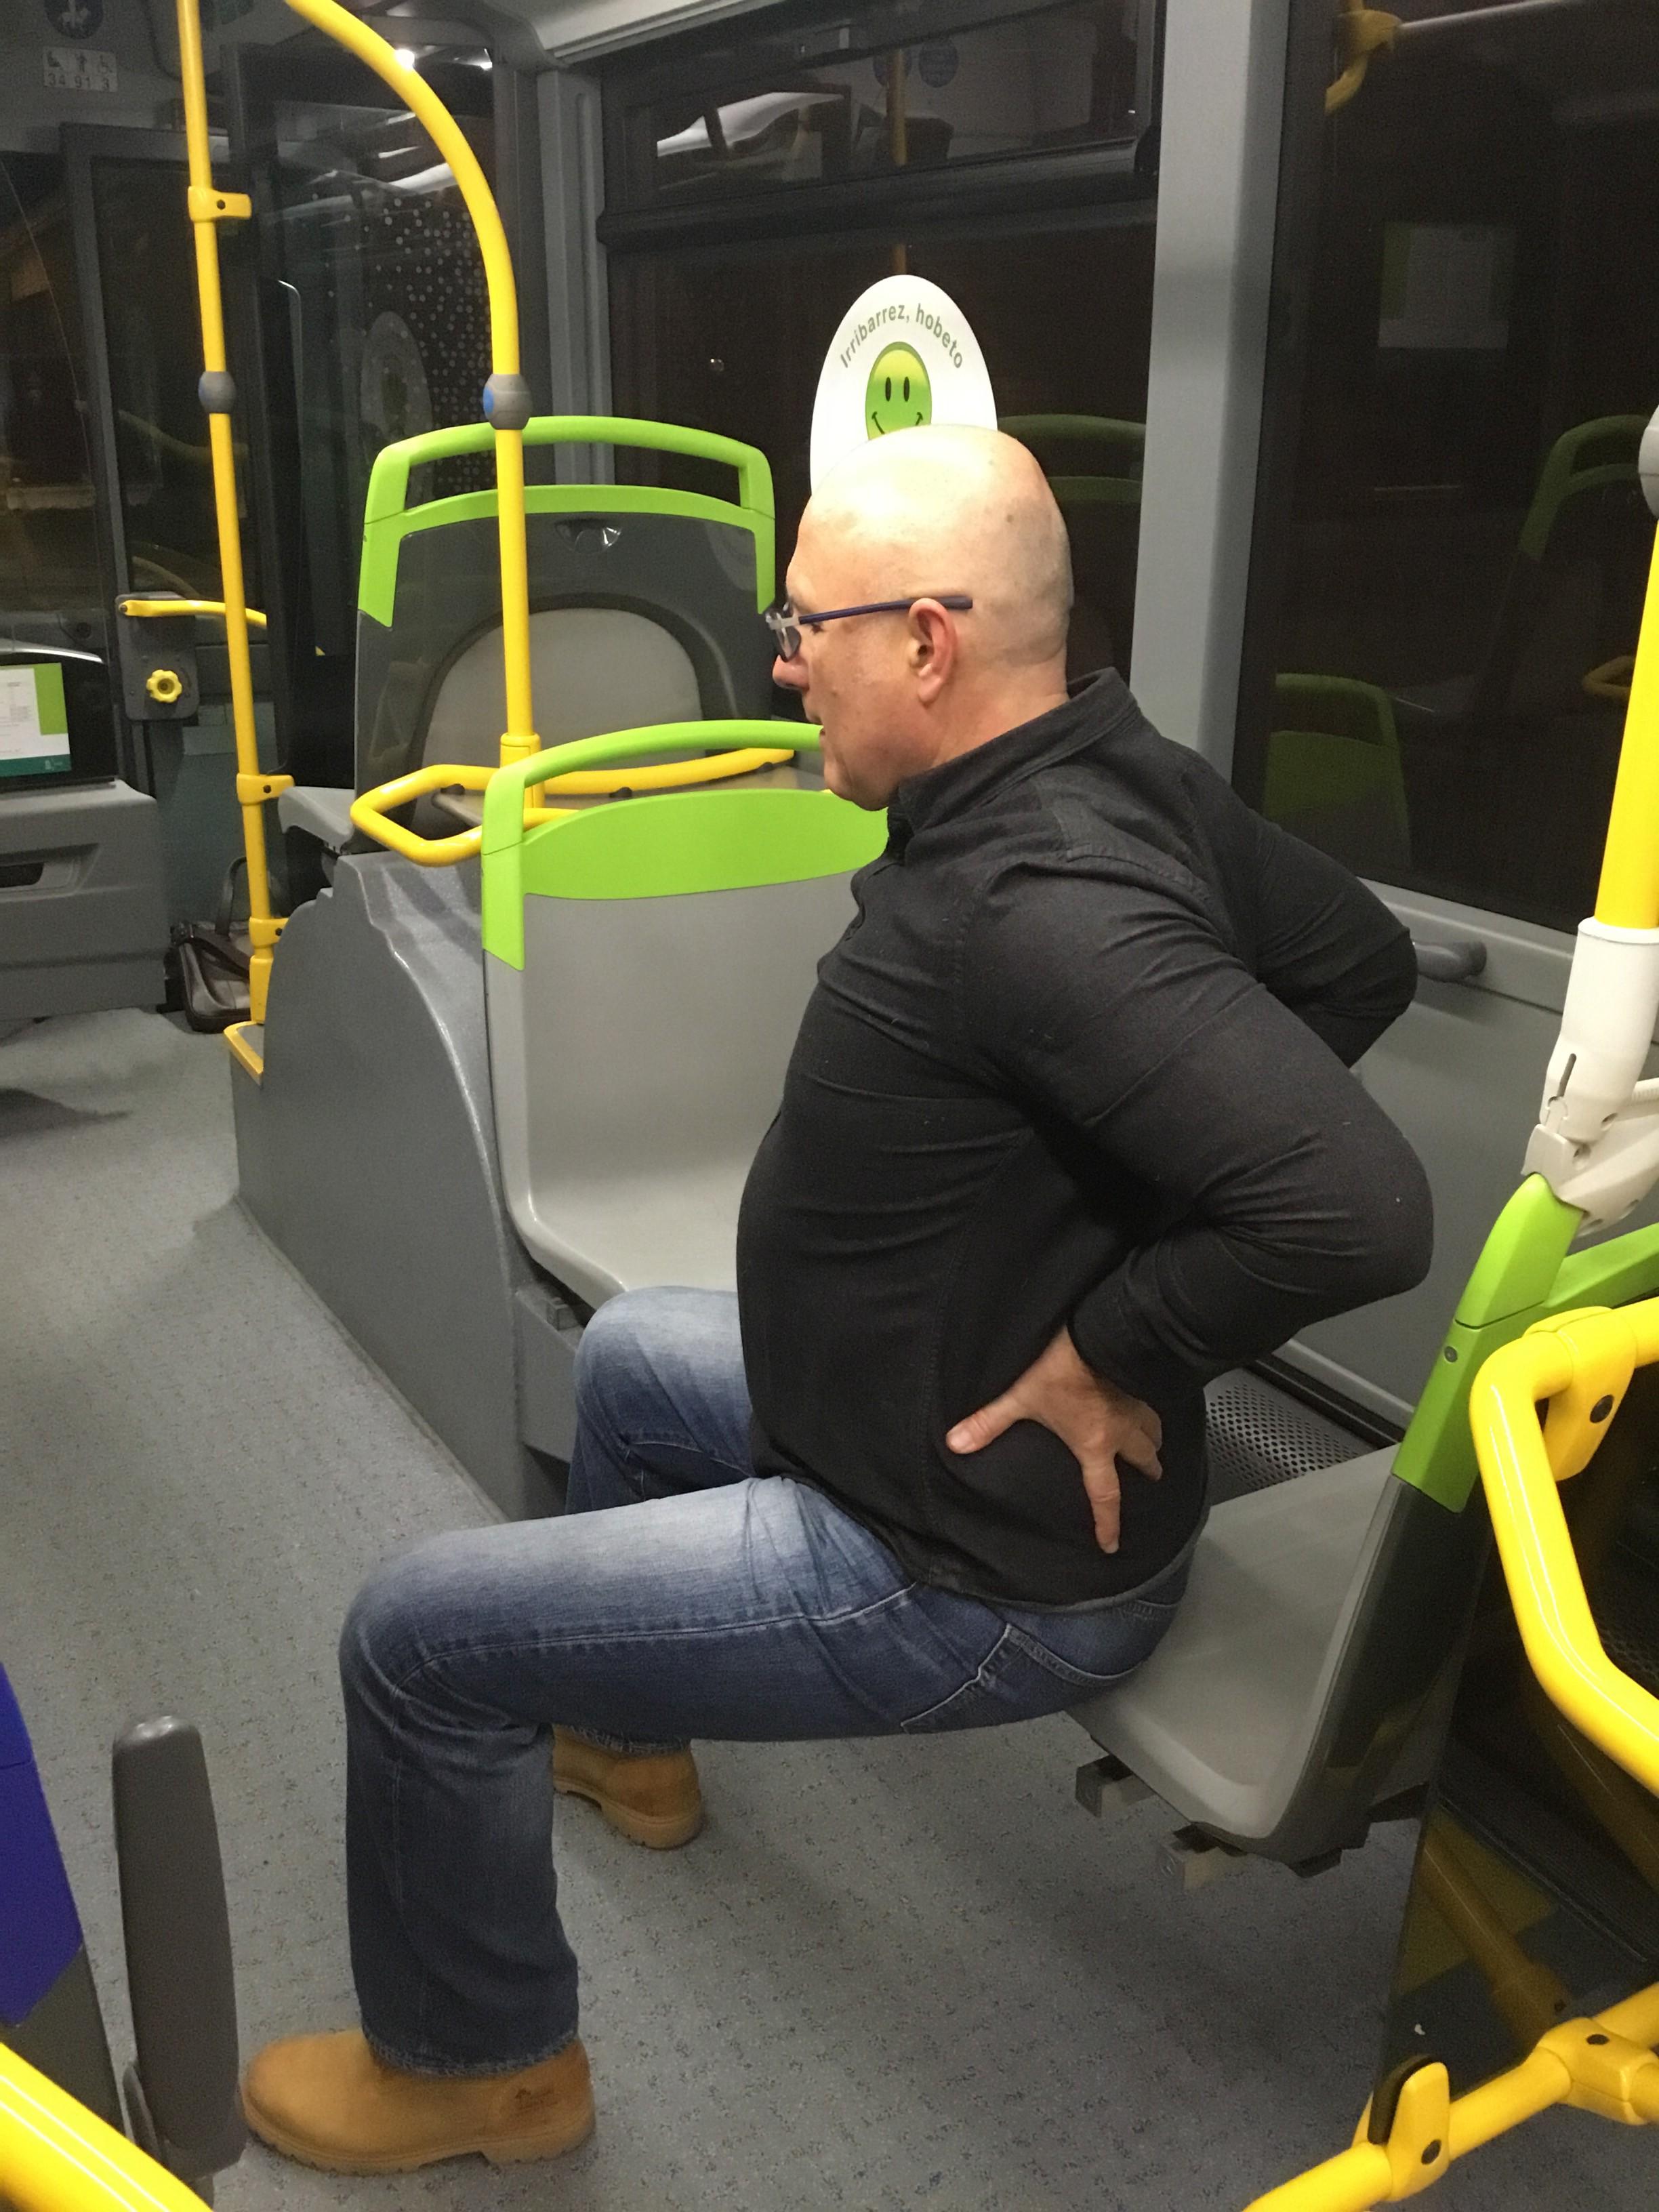 El autobús como gimnasio